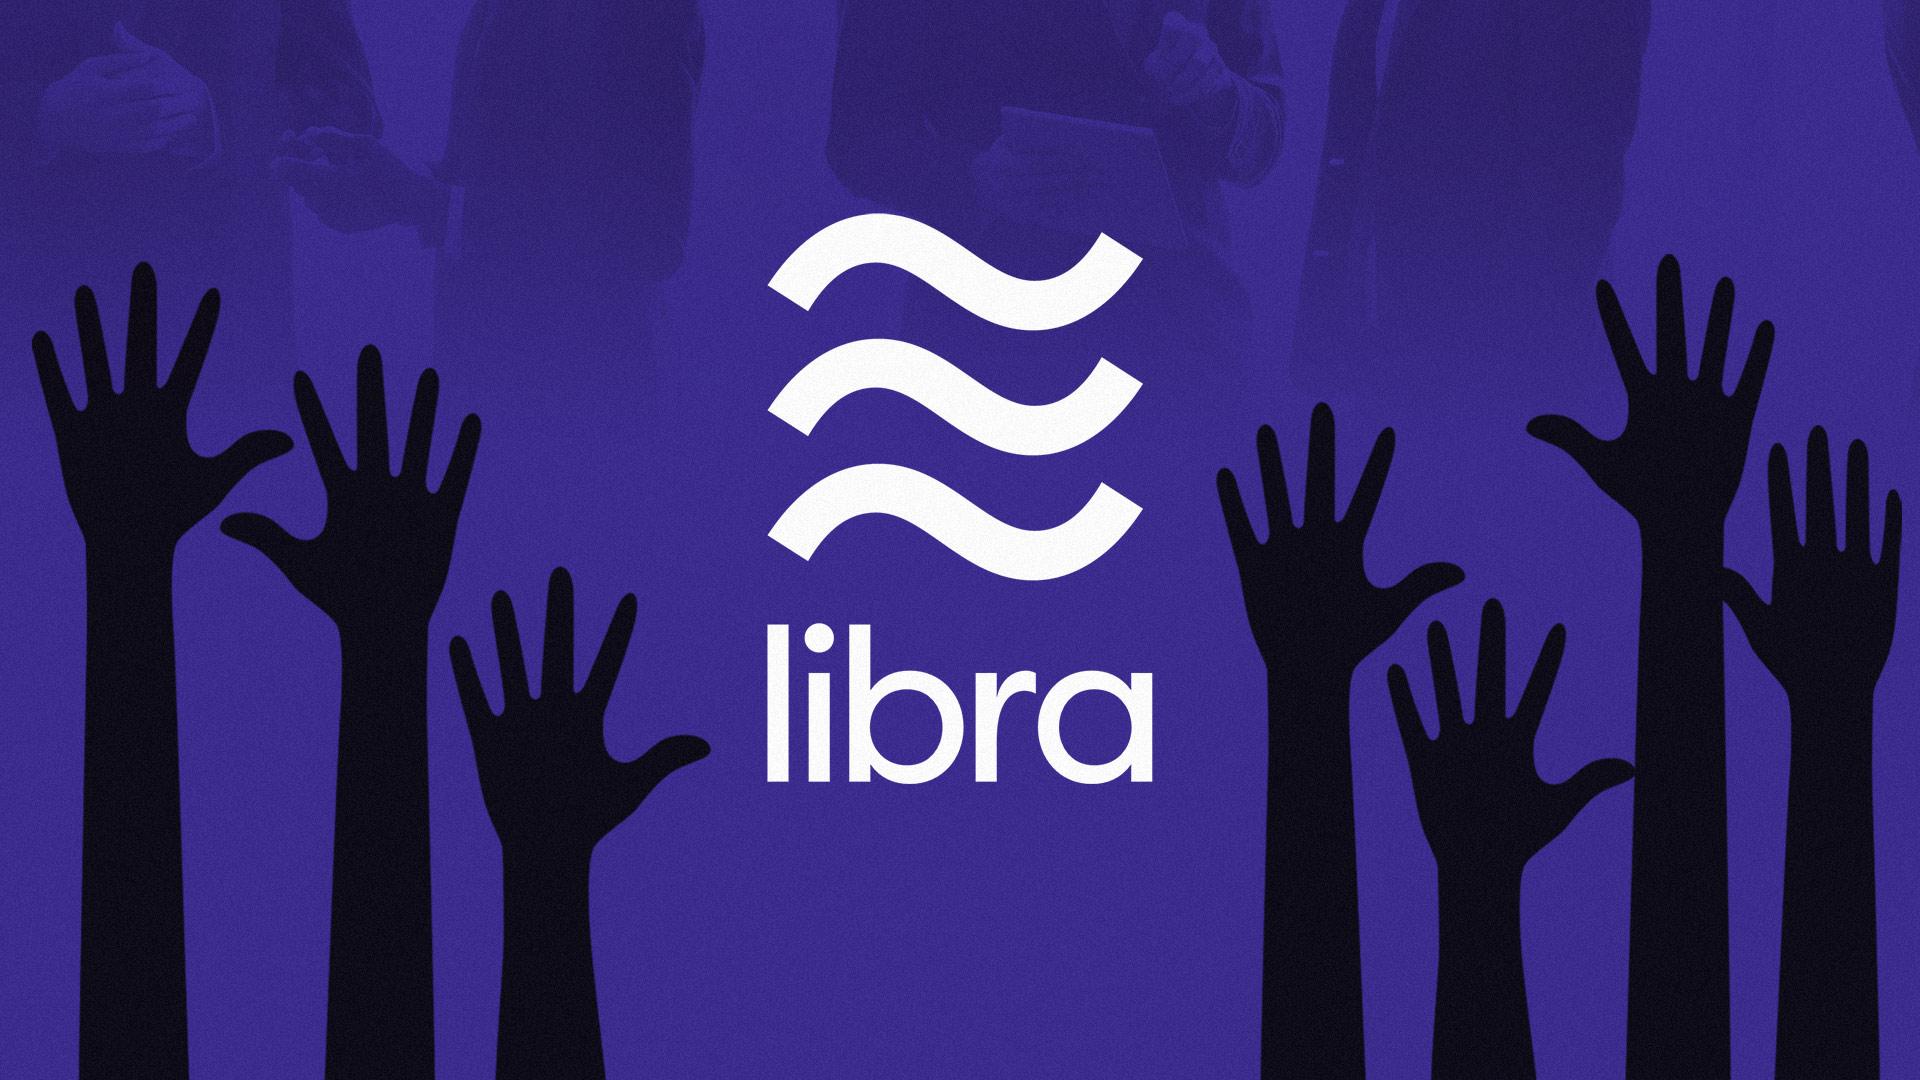 Asociación Libra sumó a Blockchain Capital como su nuevo integrante